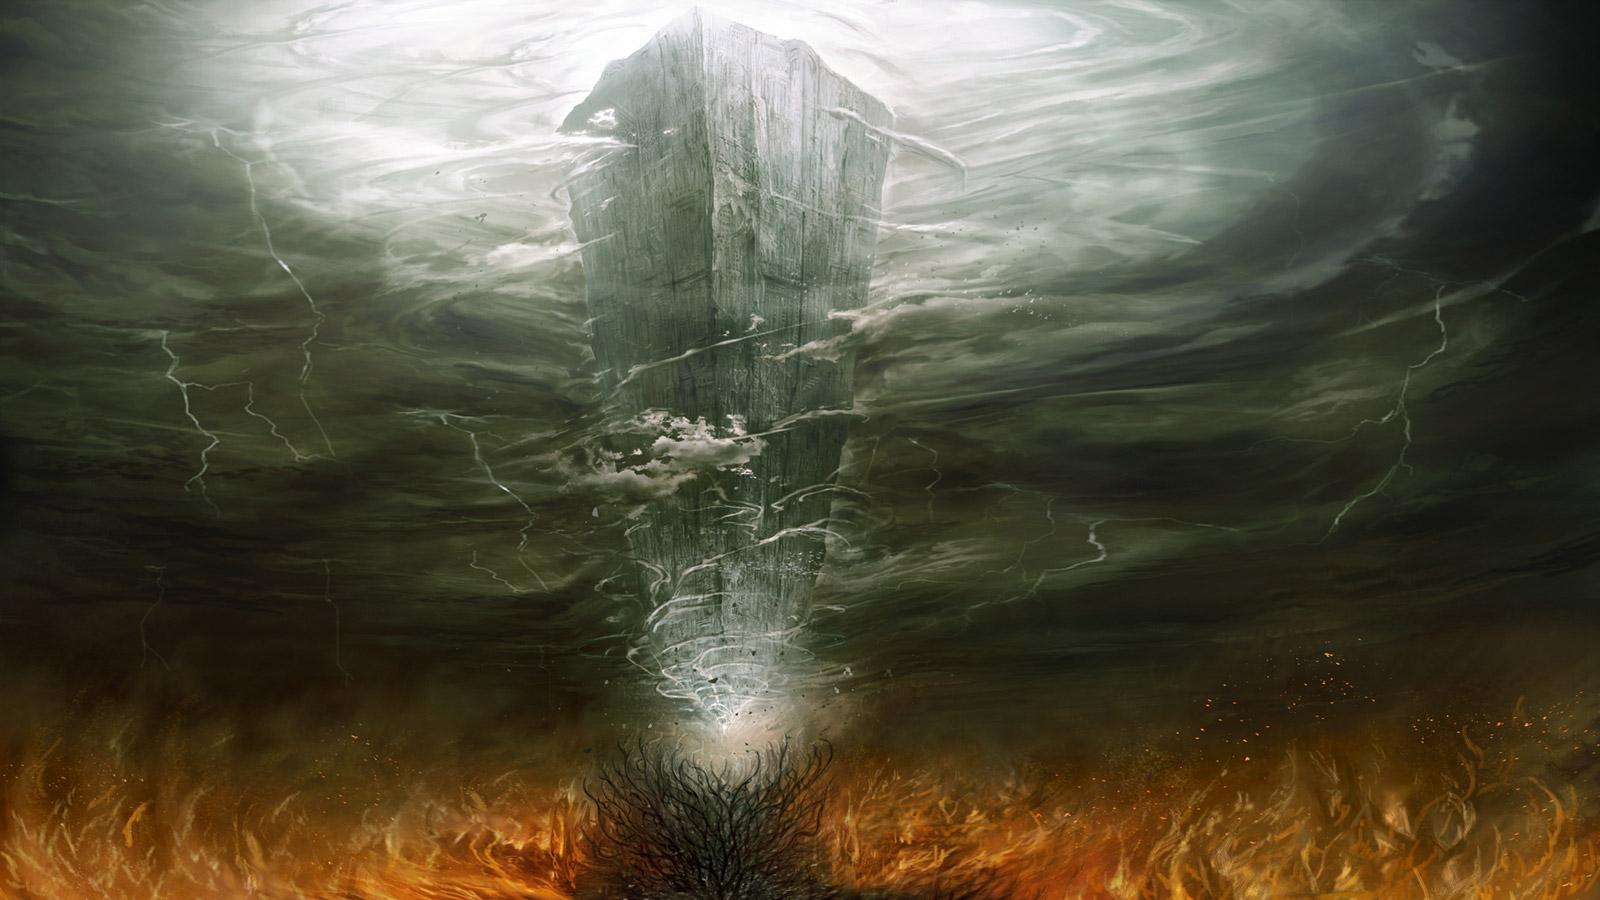 Free Demon's Souls Wallpaper in 1600x900